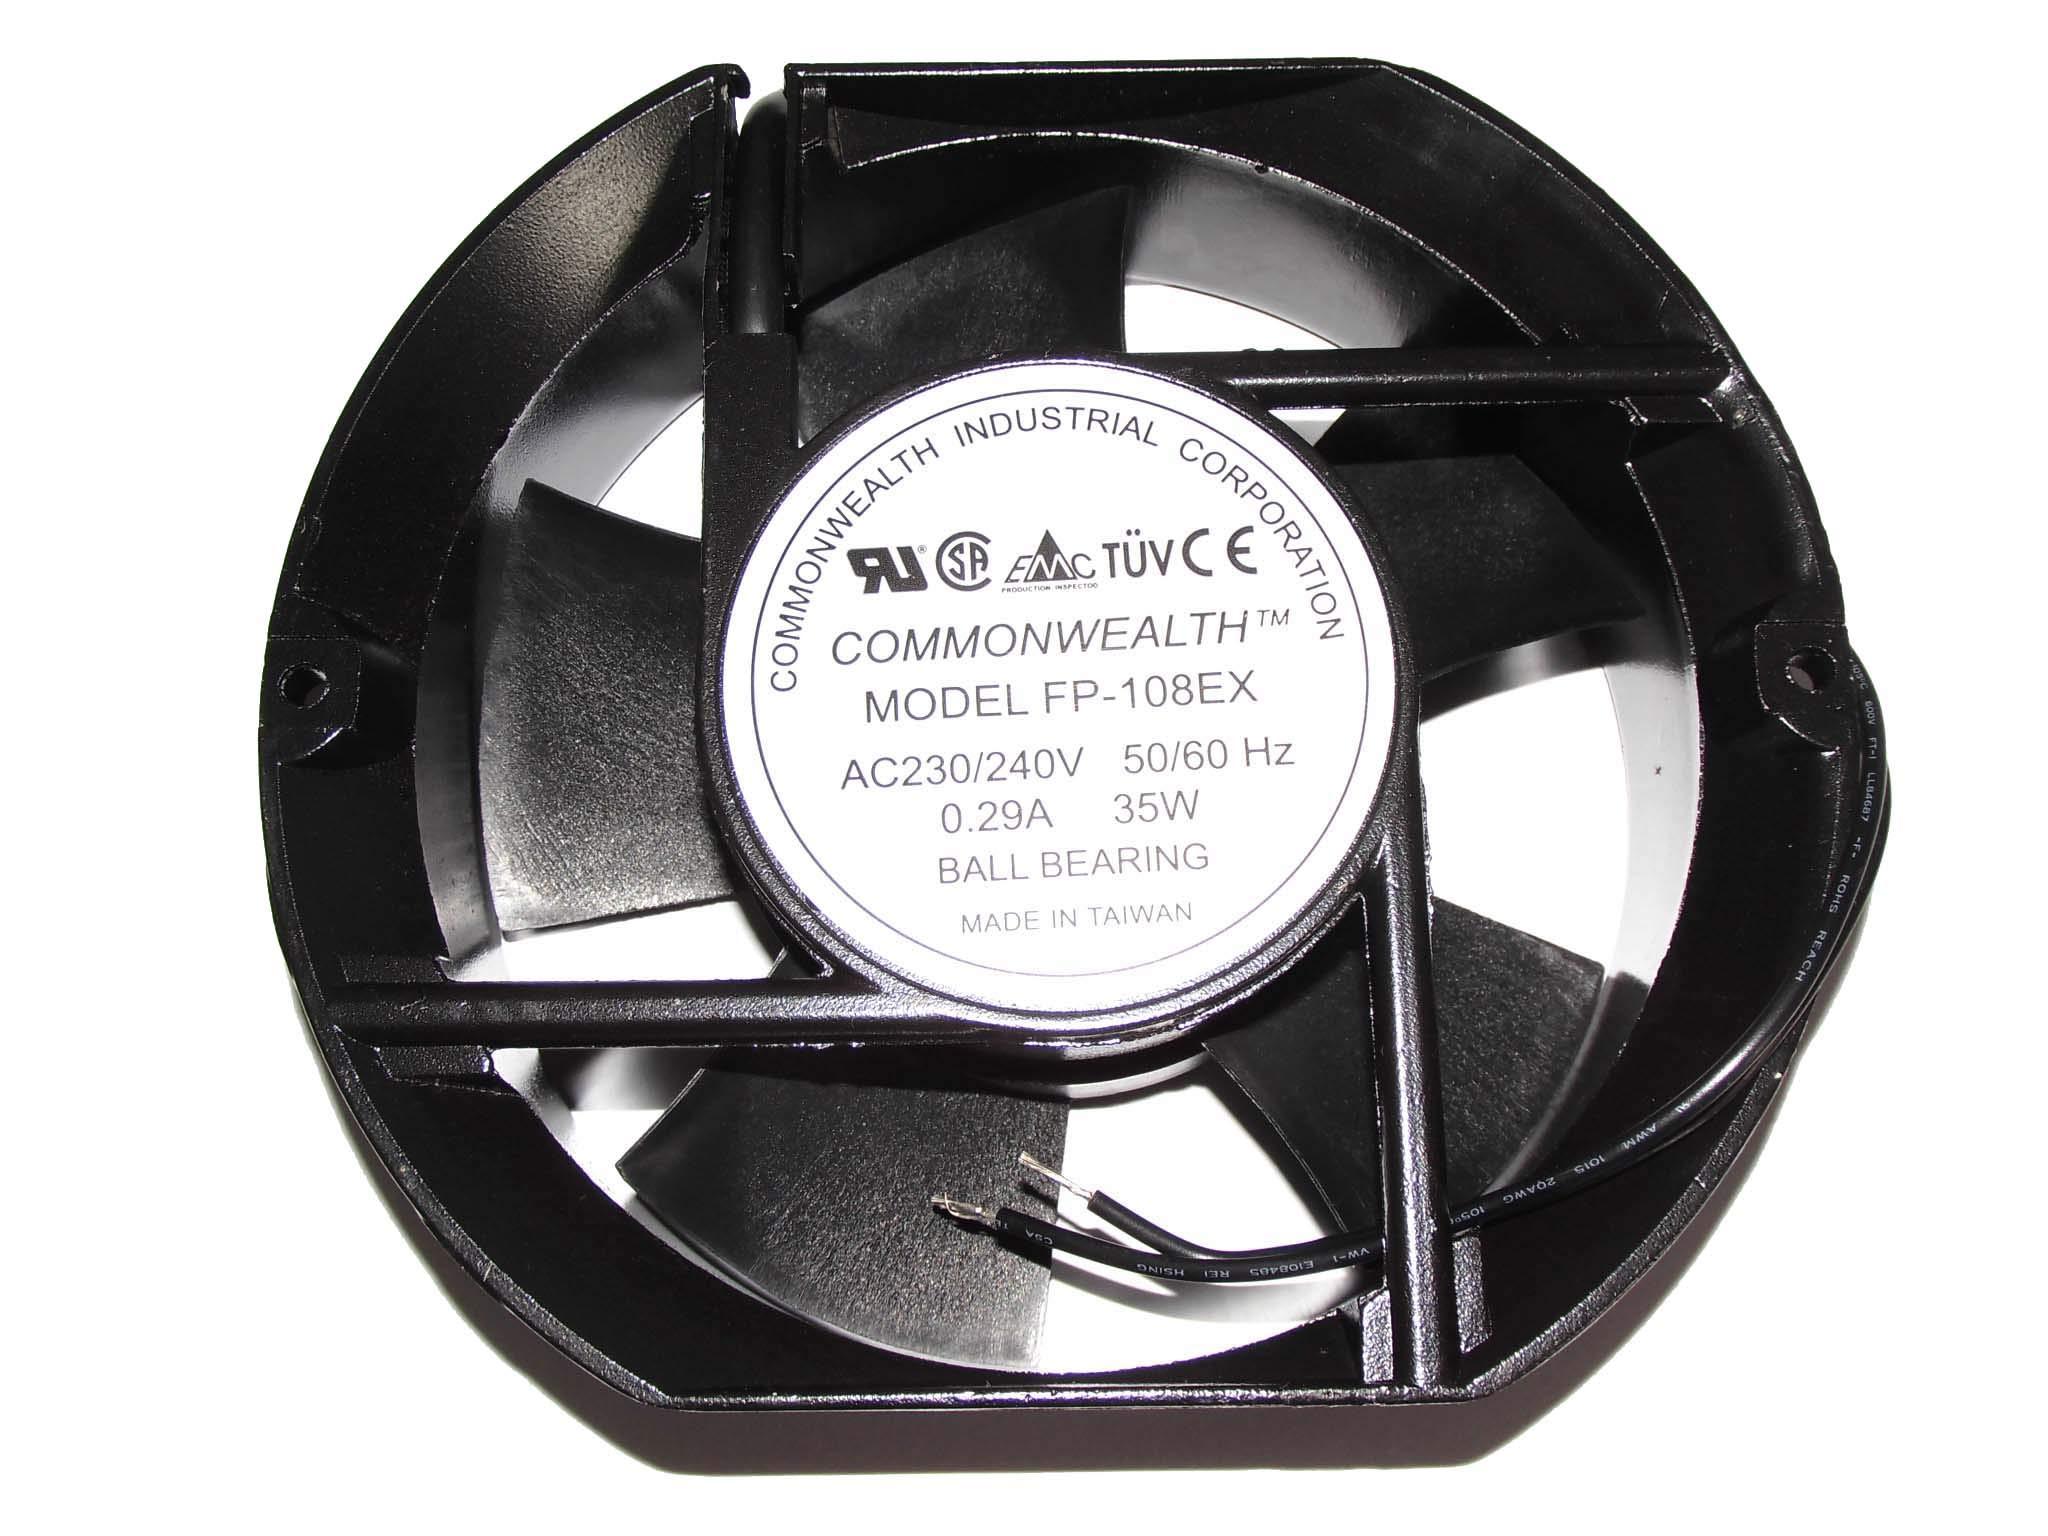 17cm FP-108EX 230/240V 50/60Hz 0.29A 35W 2Wire ac Fan